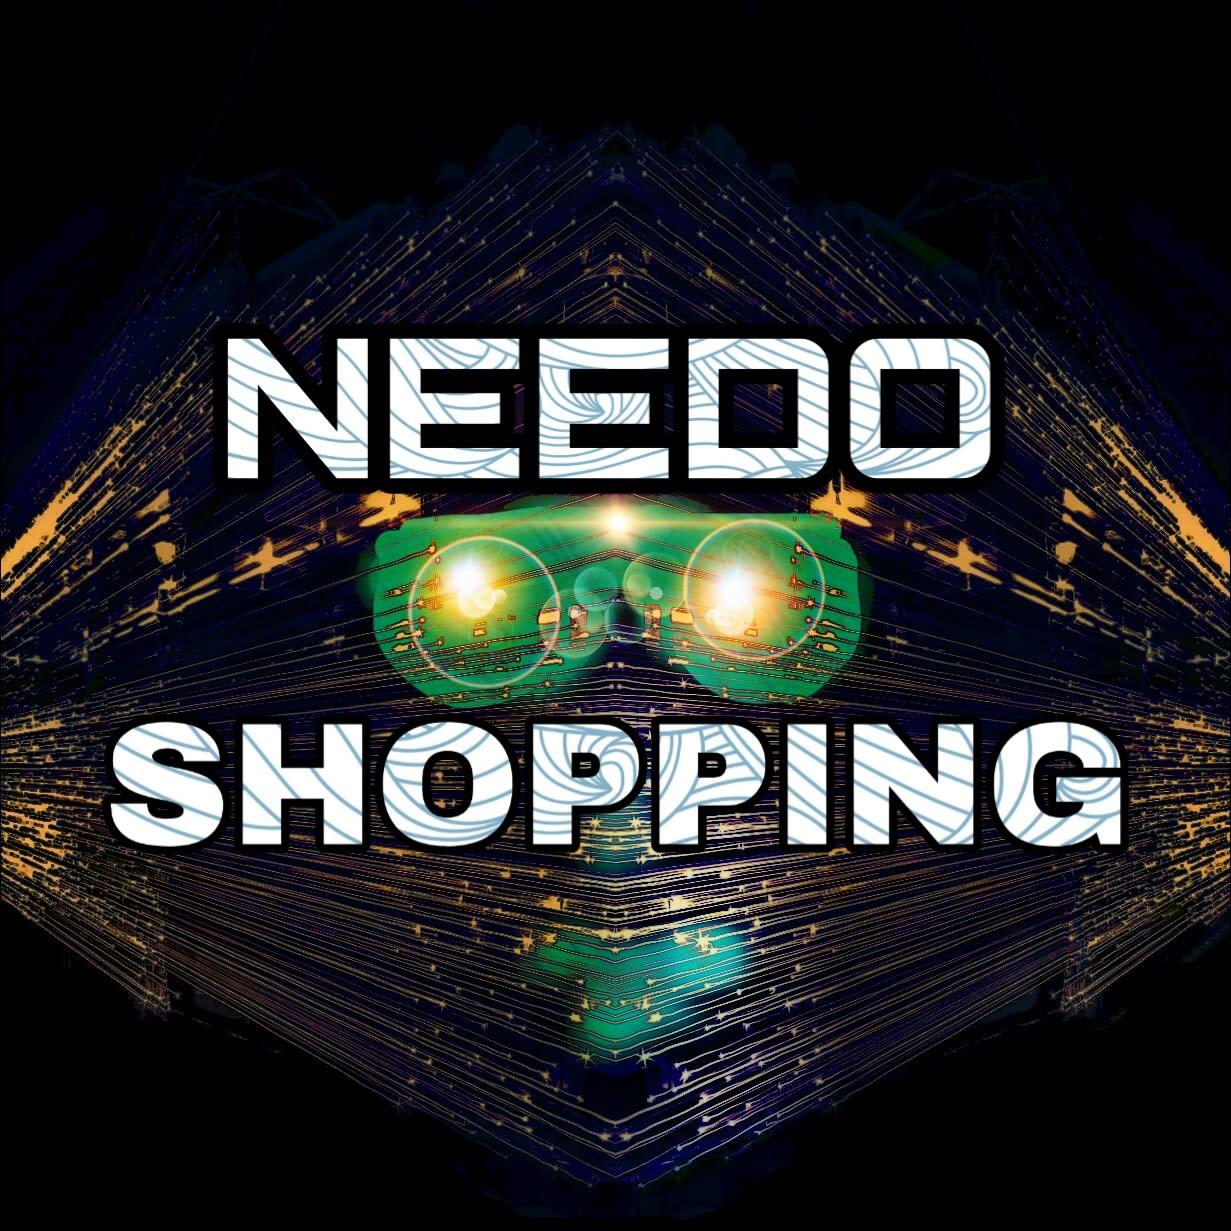 Needo Shopping